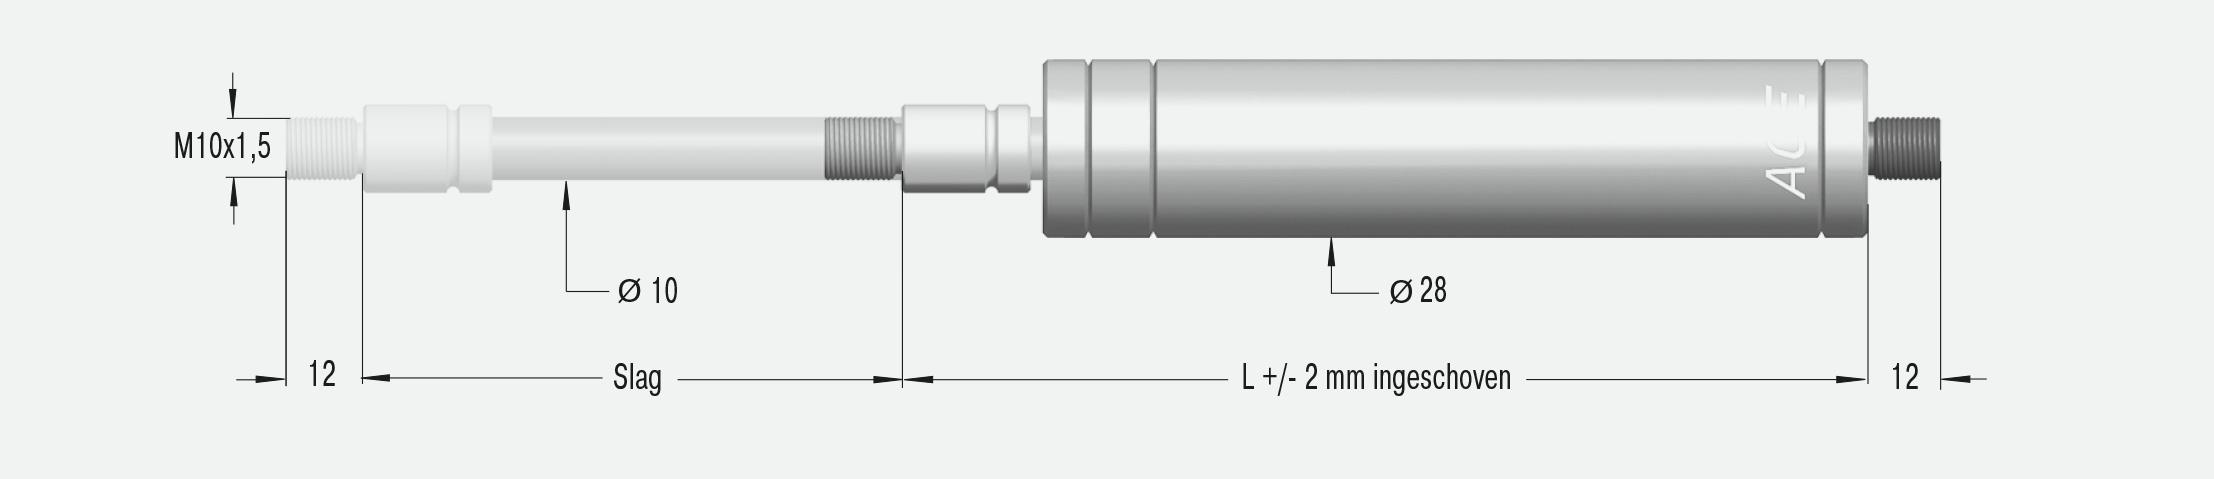 GZ-28-600-V4A